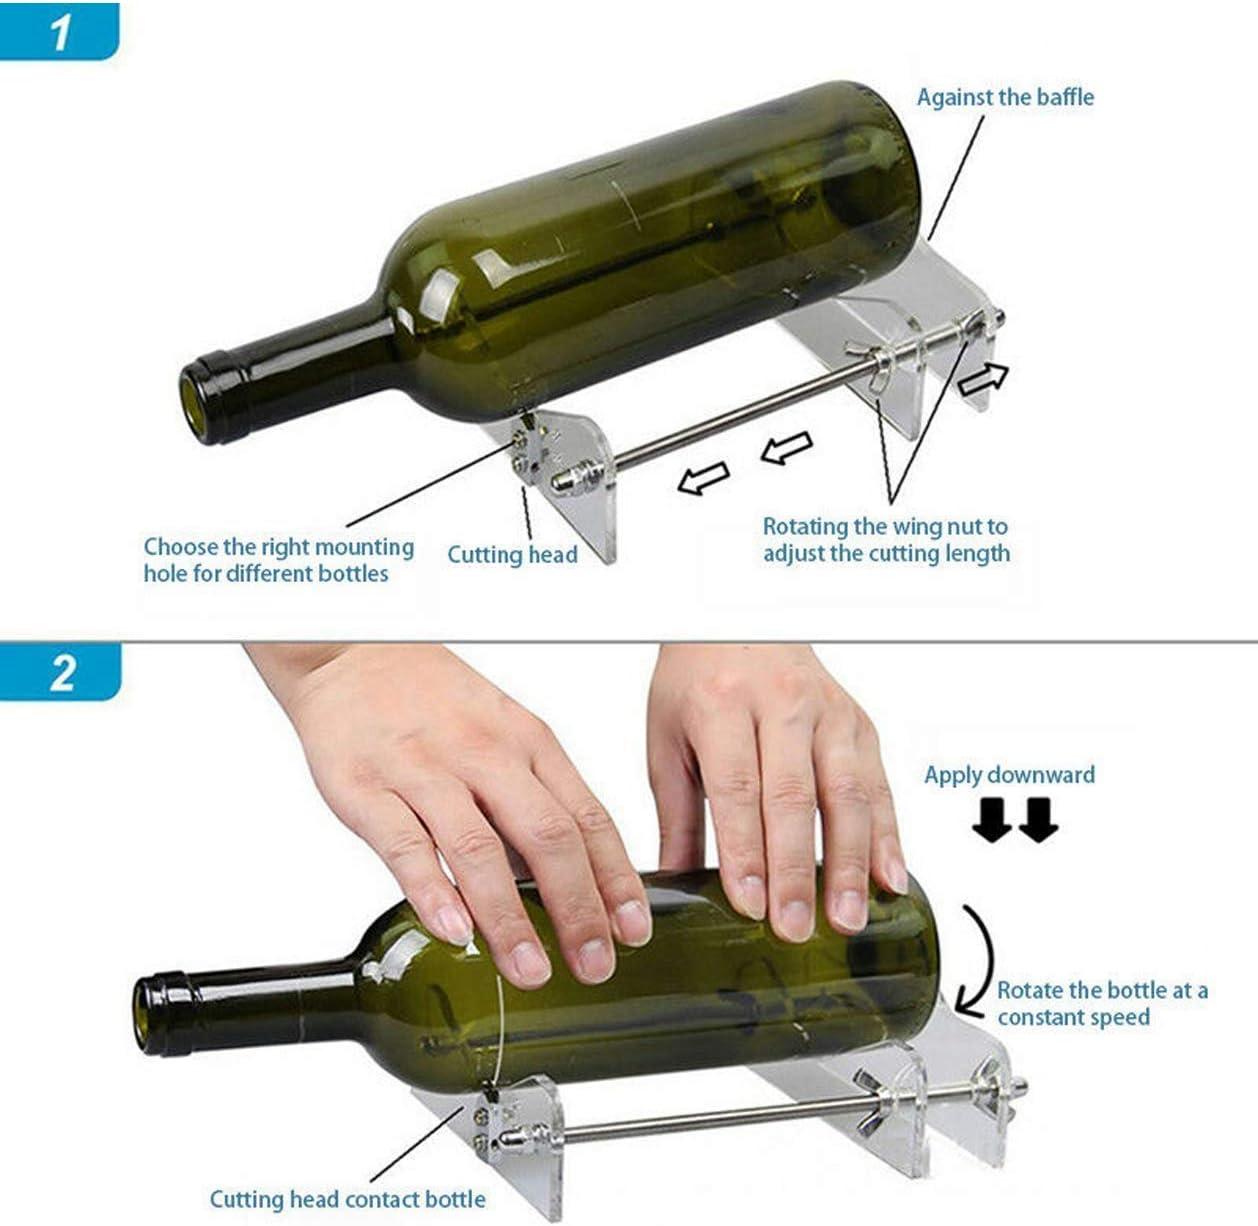 Naliovker Coupe-Bouteille en Verre Outil de Coupe de Bouteille Professionnel Coupe-Bouteille en Verre Outil de Coupe de Bricolage Machine Bi/èRe de Vin